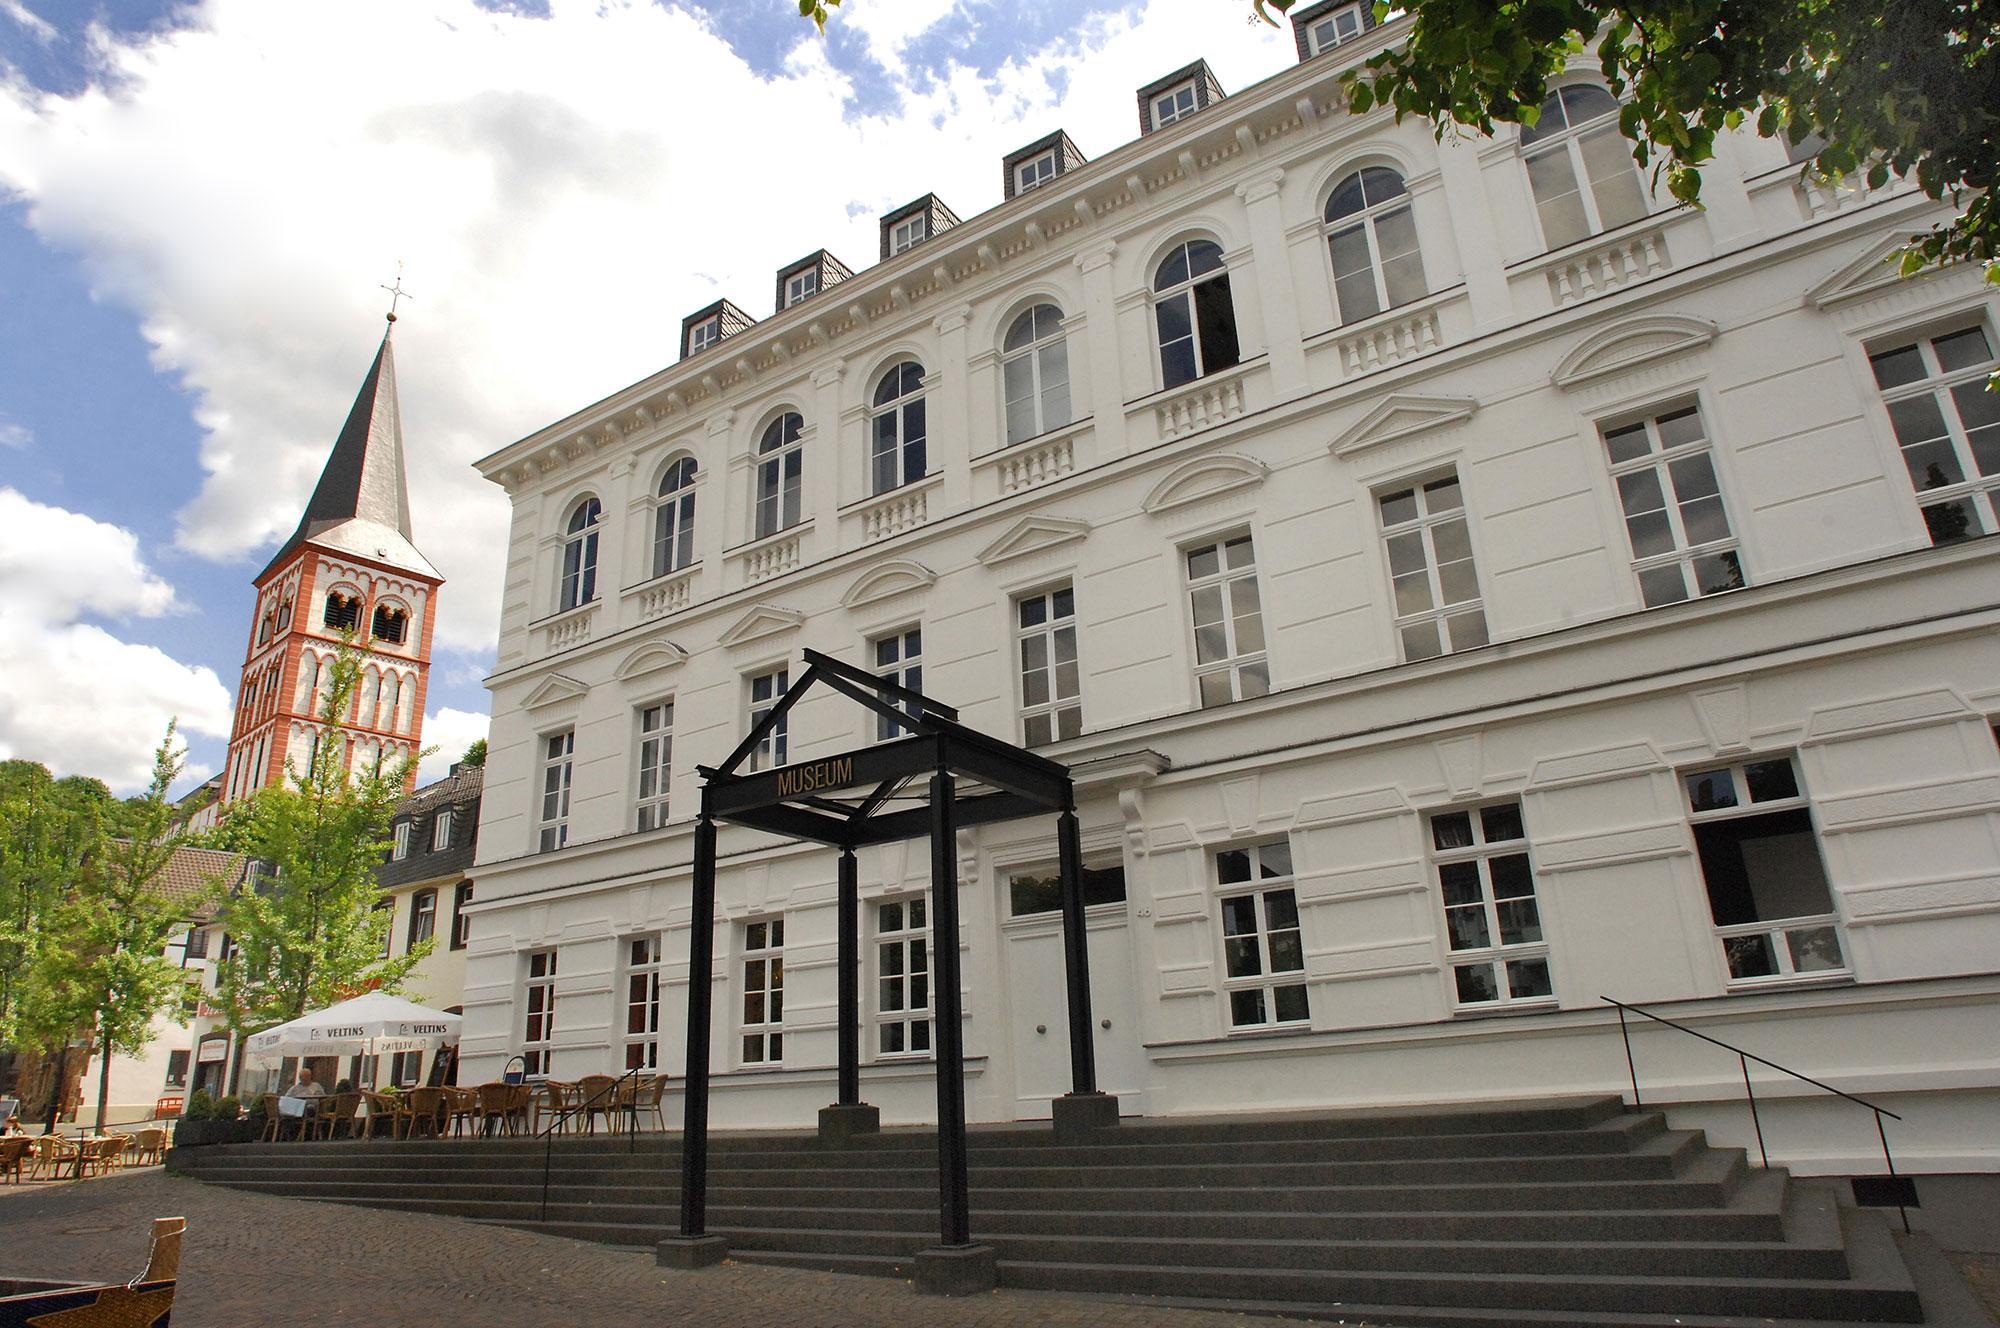 Das Bild zeigt eine Frontalansicht vom Haupteingang des Siegburger Stadtmuseums